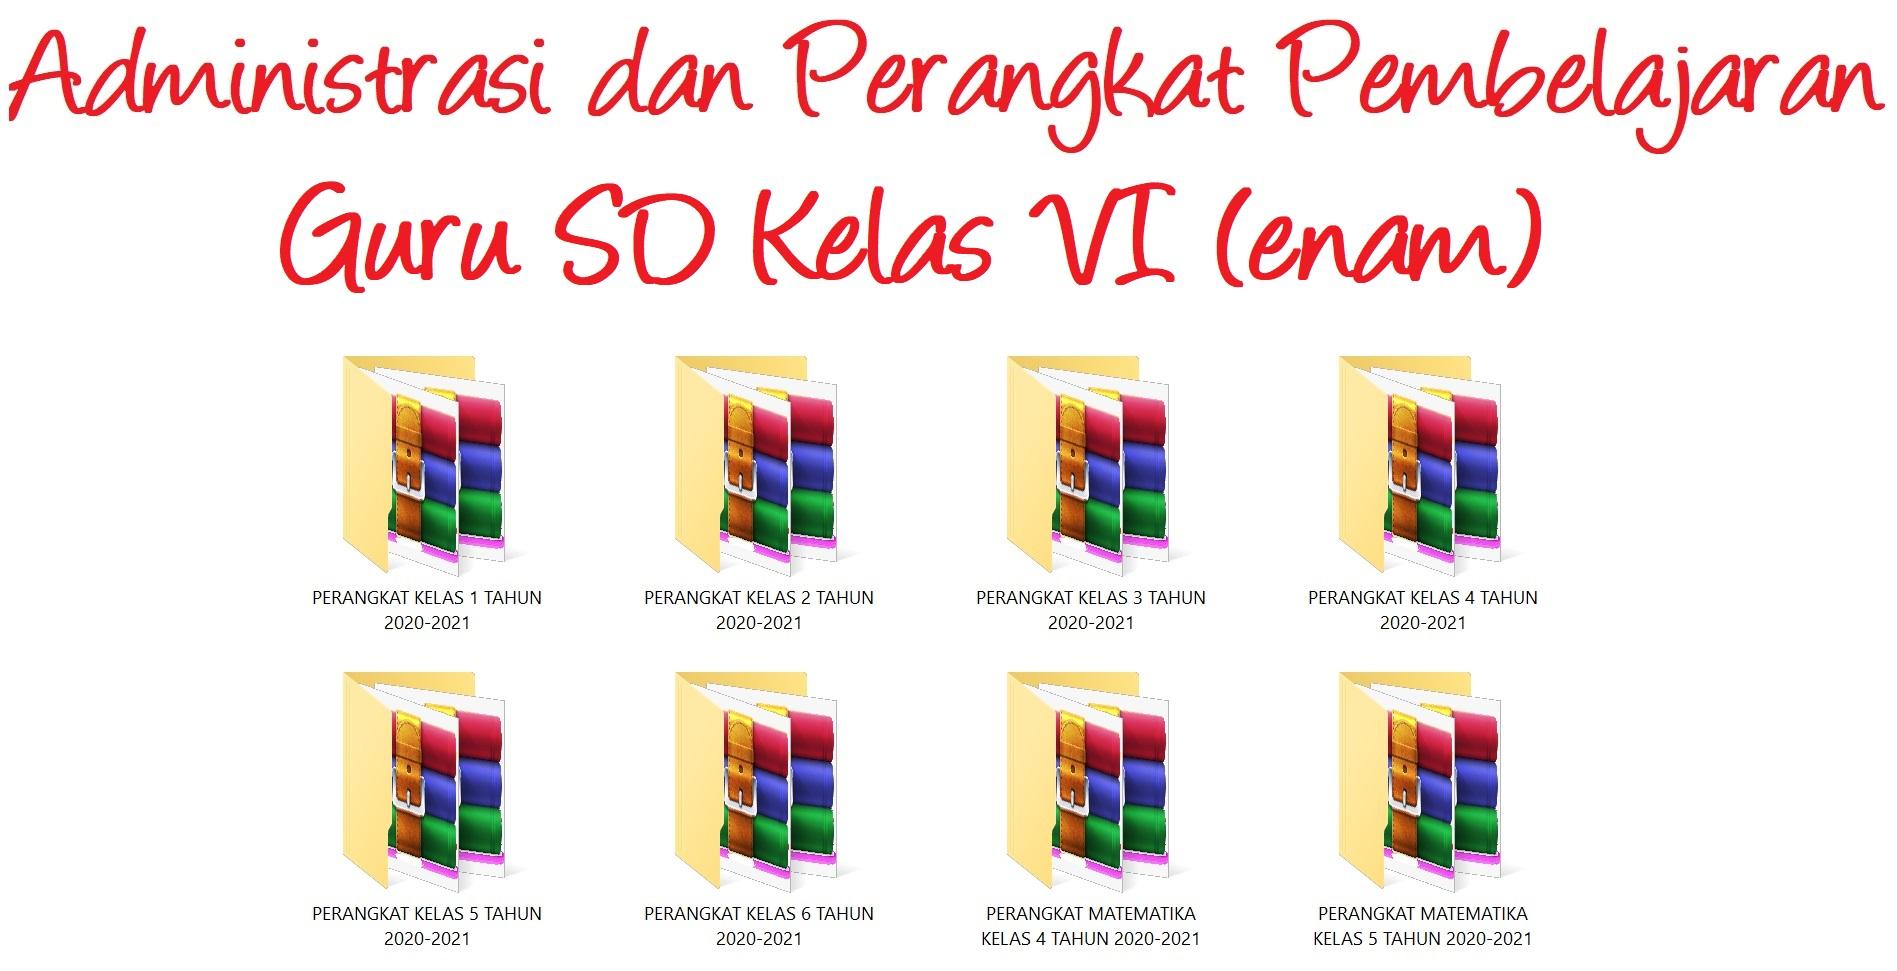 Kumpulan Administrasi dan Perangkat Pembelajaran Guru SD (Sekolah Dasar) Kelas VI (Enam)